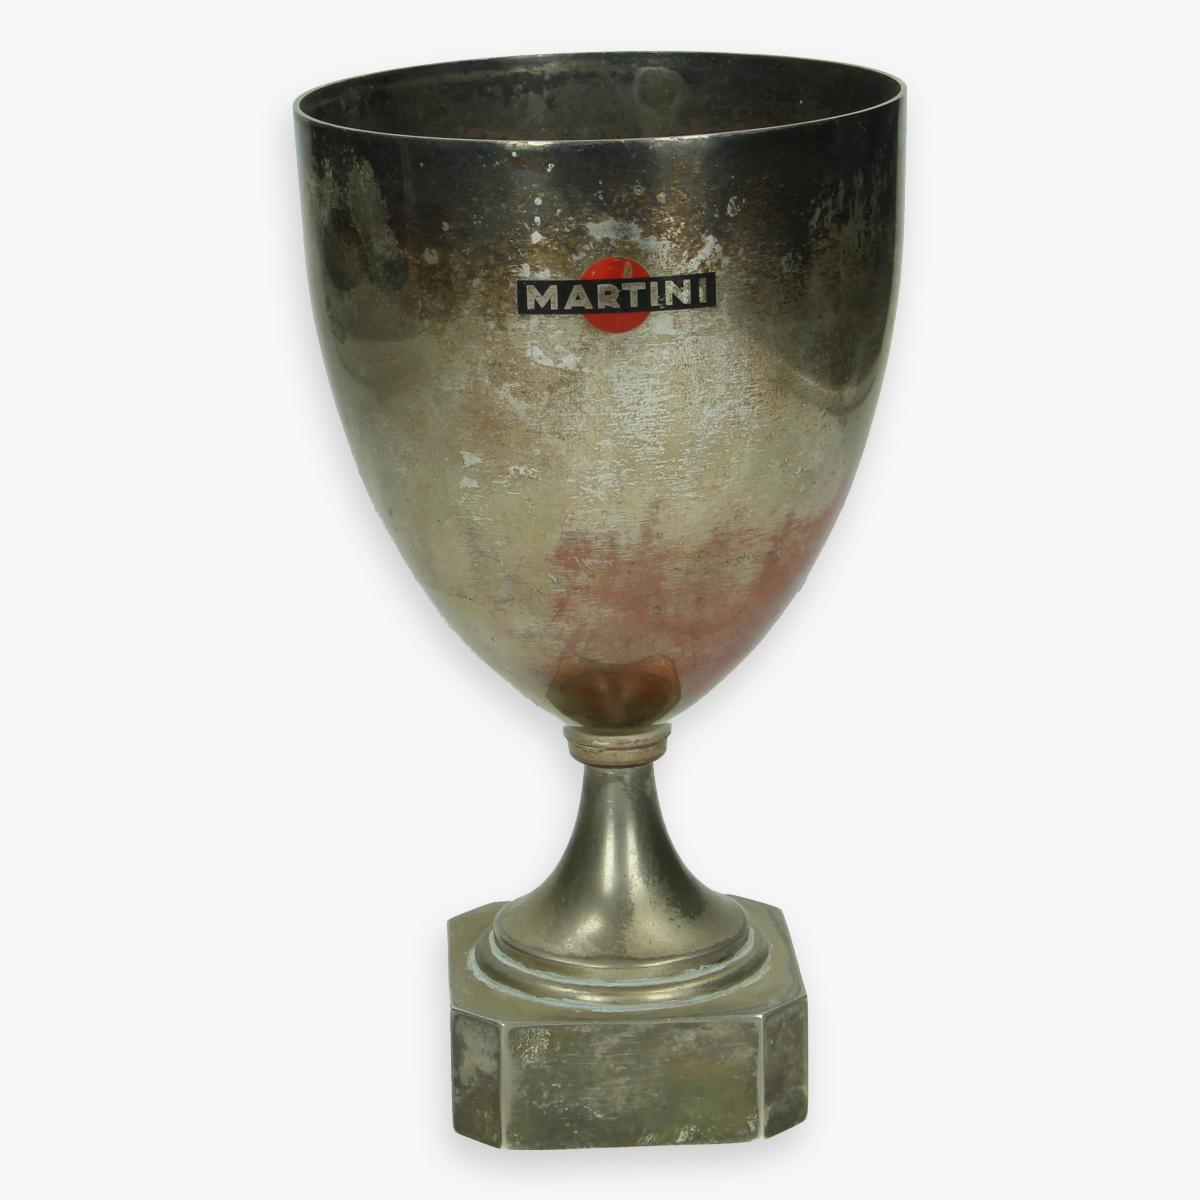 Afbeeldingen van oude sport trofee '' martini '' logo op trofee zeldzaam